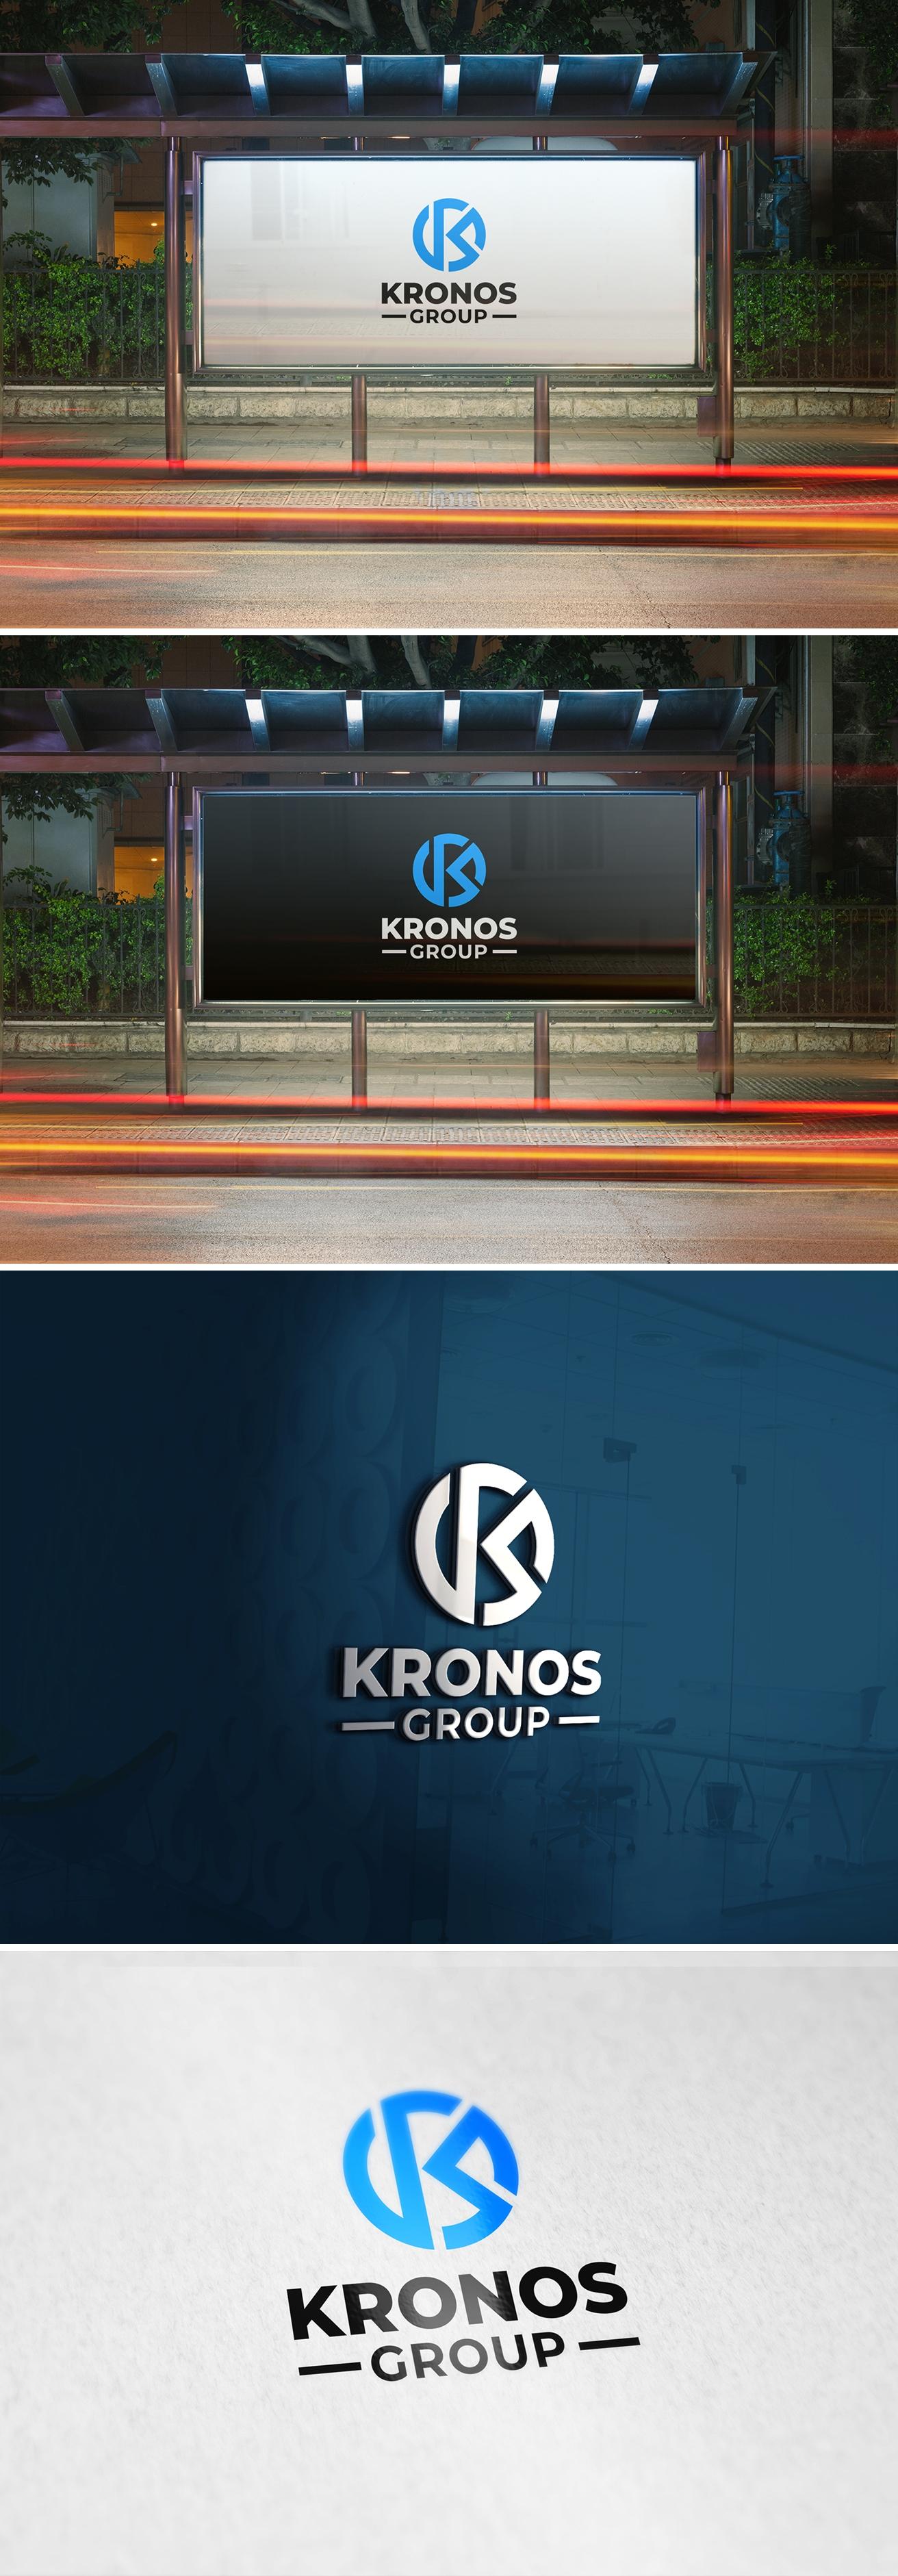 Разработать логотип KRONOS фото f_4215fafdad89a775.jpg